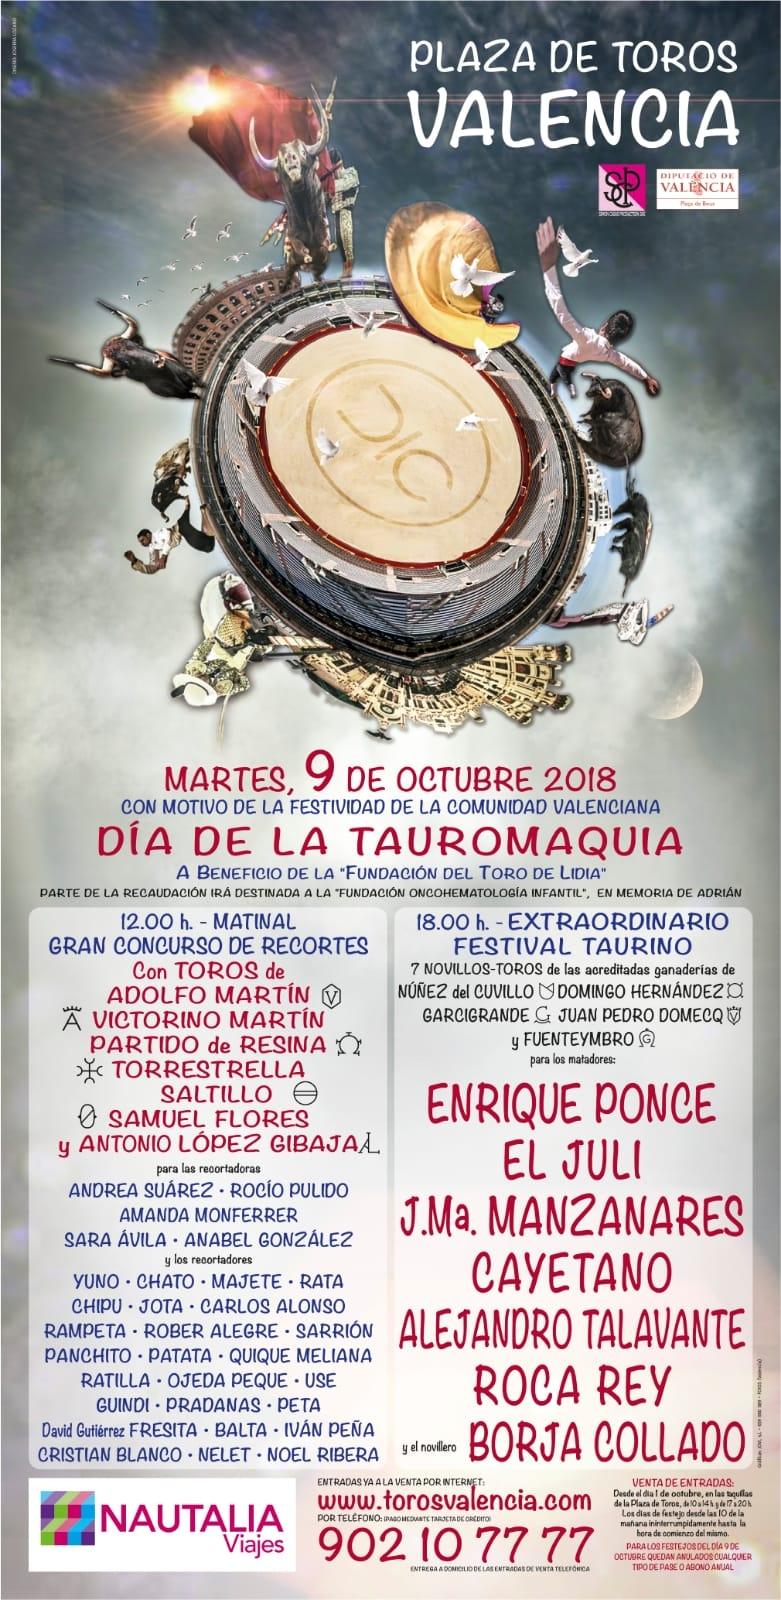 La Fundación del Toro de Lidia presenta el día de la tauromaquia